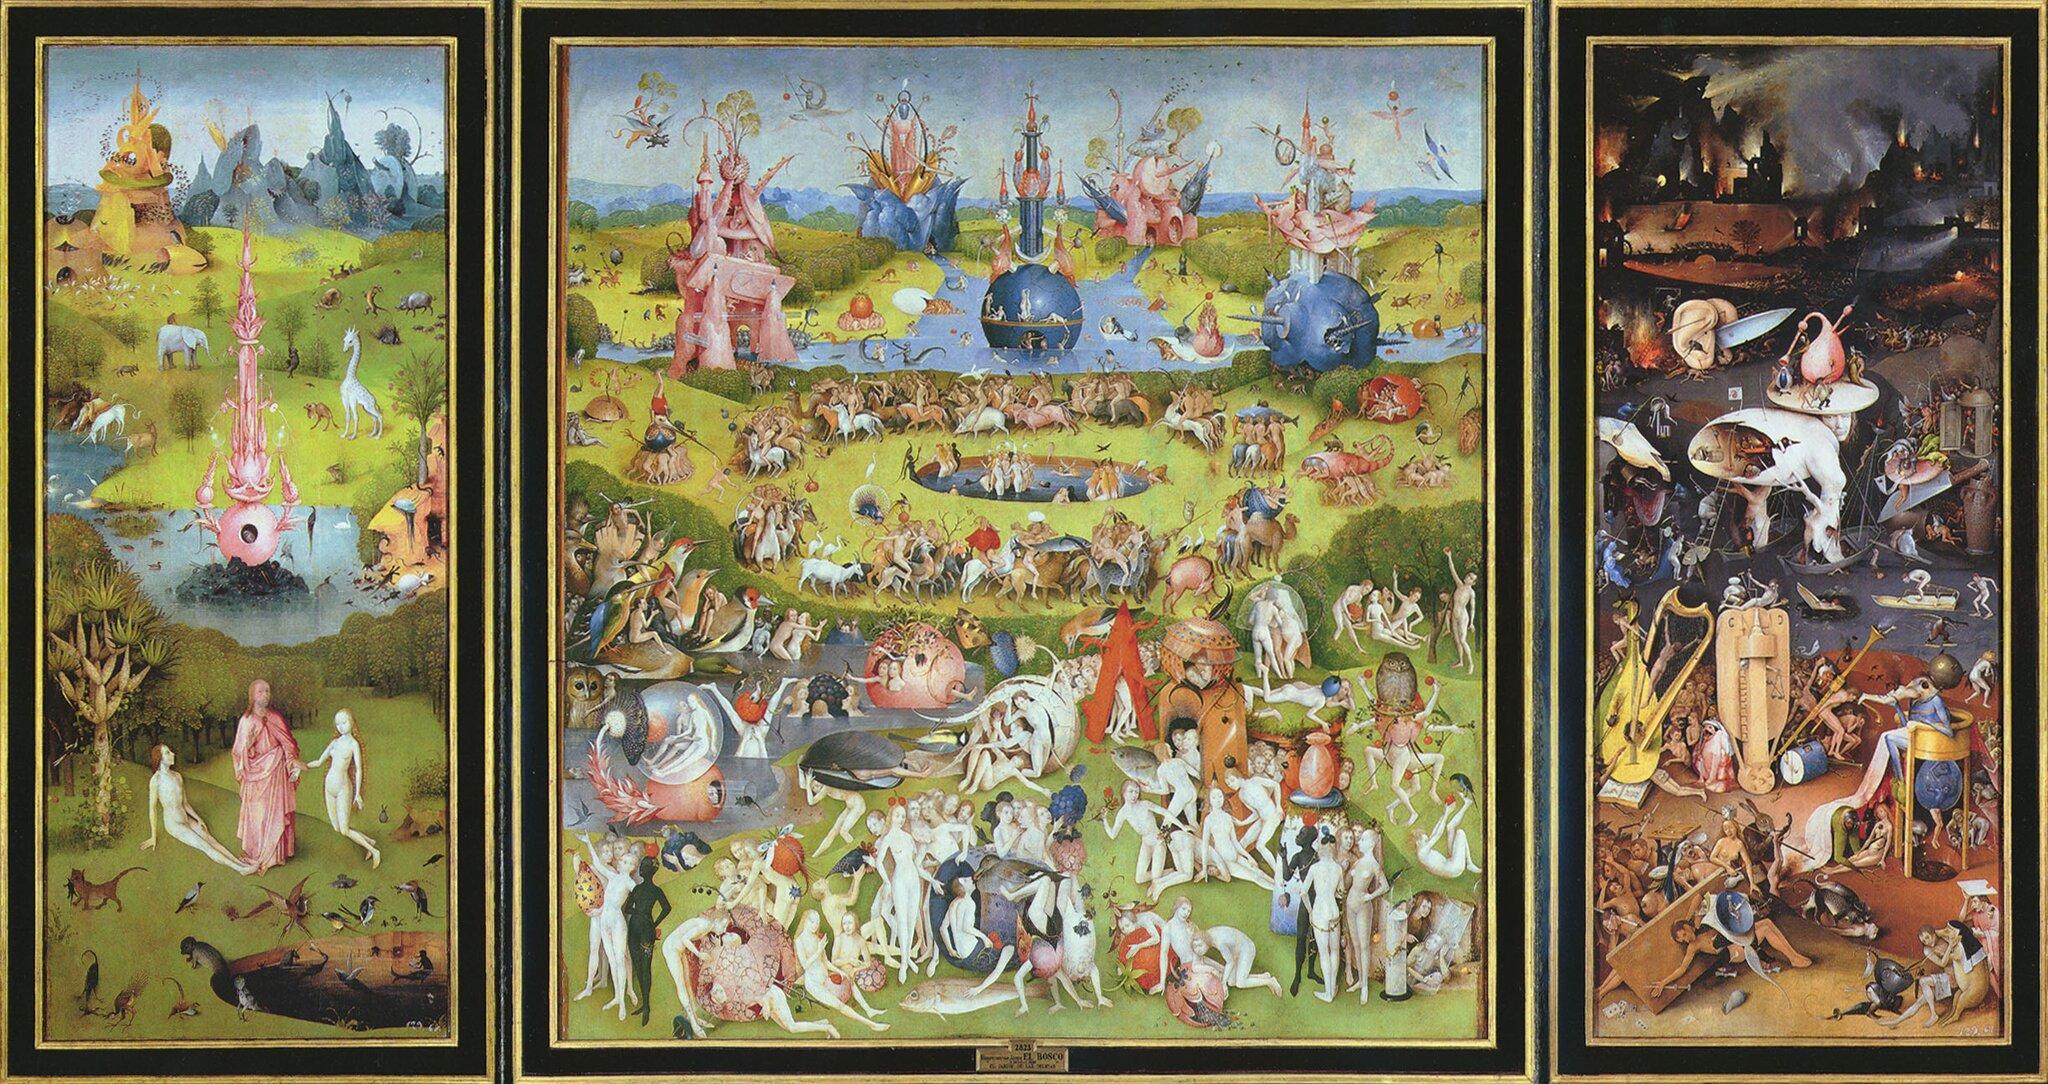 Ogród rozkoszy ziemskich Źródło: Hieronim Bosch, Ogród rozkoszy ziemskich, 1480-1505.